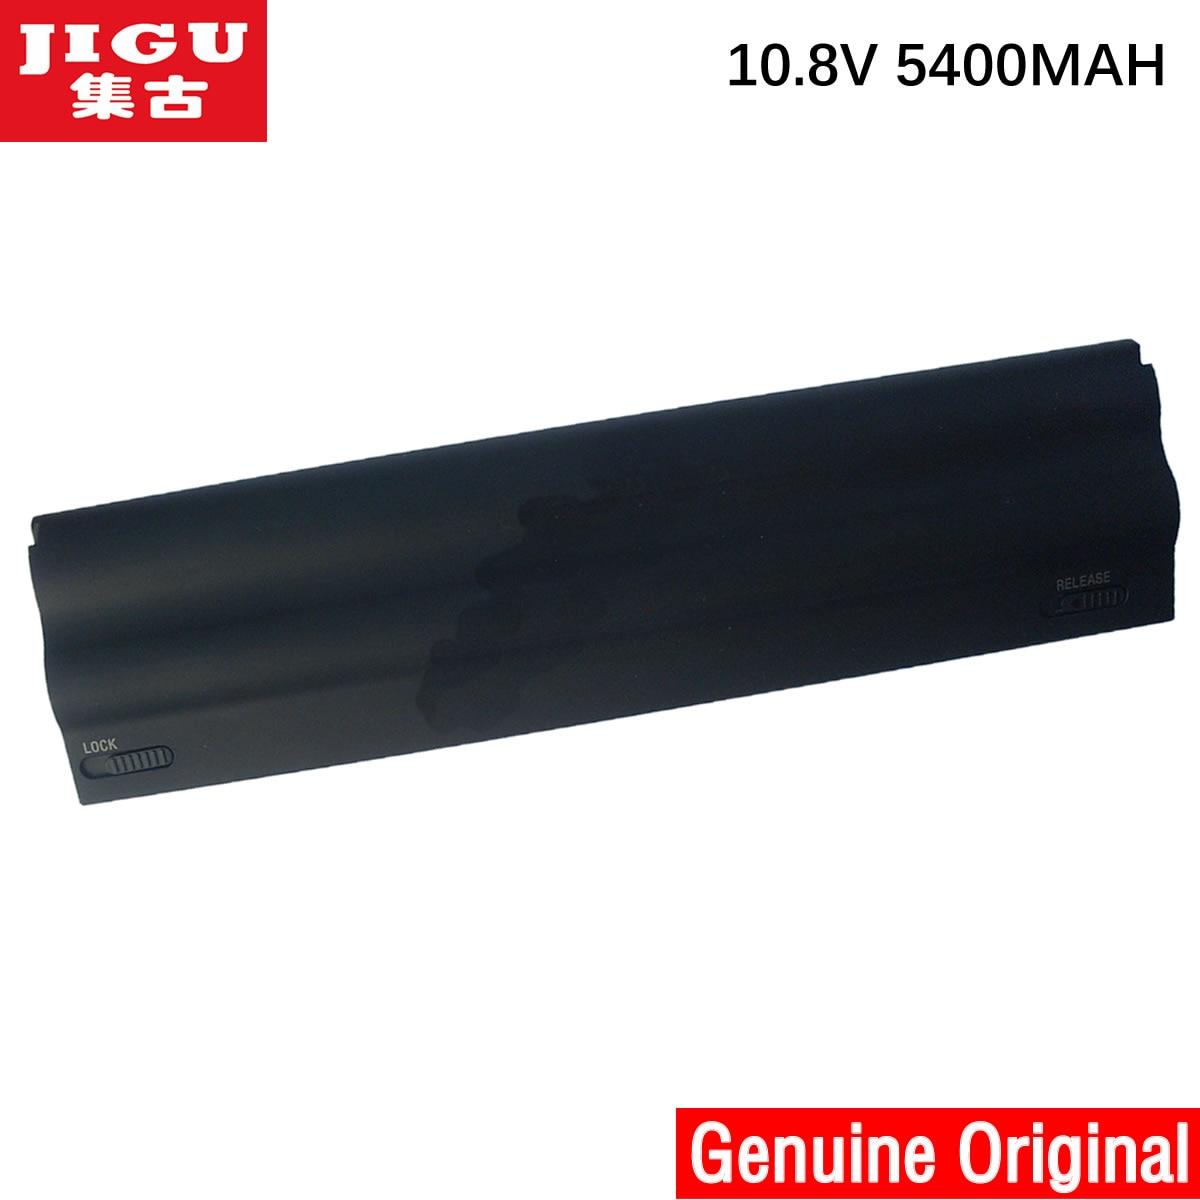 JIGU VGP-BPL14/B VGP-BPL14/S VGP-BPL14B VGP-BPS14/B VGP-BPS14/S VGP-BPS14B BPS14 BPL14 Original laptop Battery For SONY